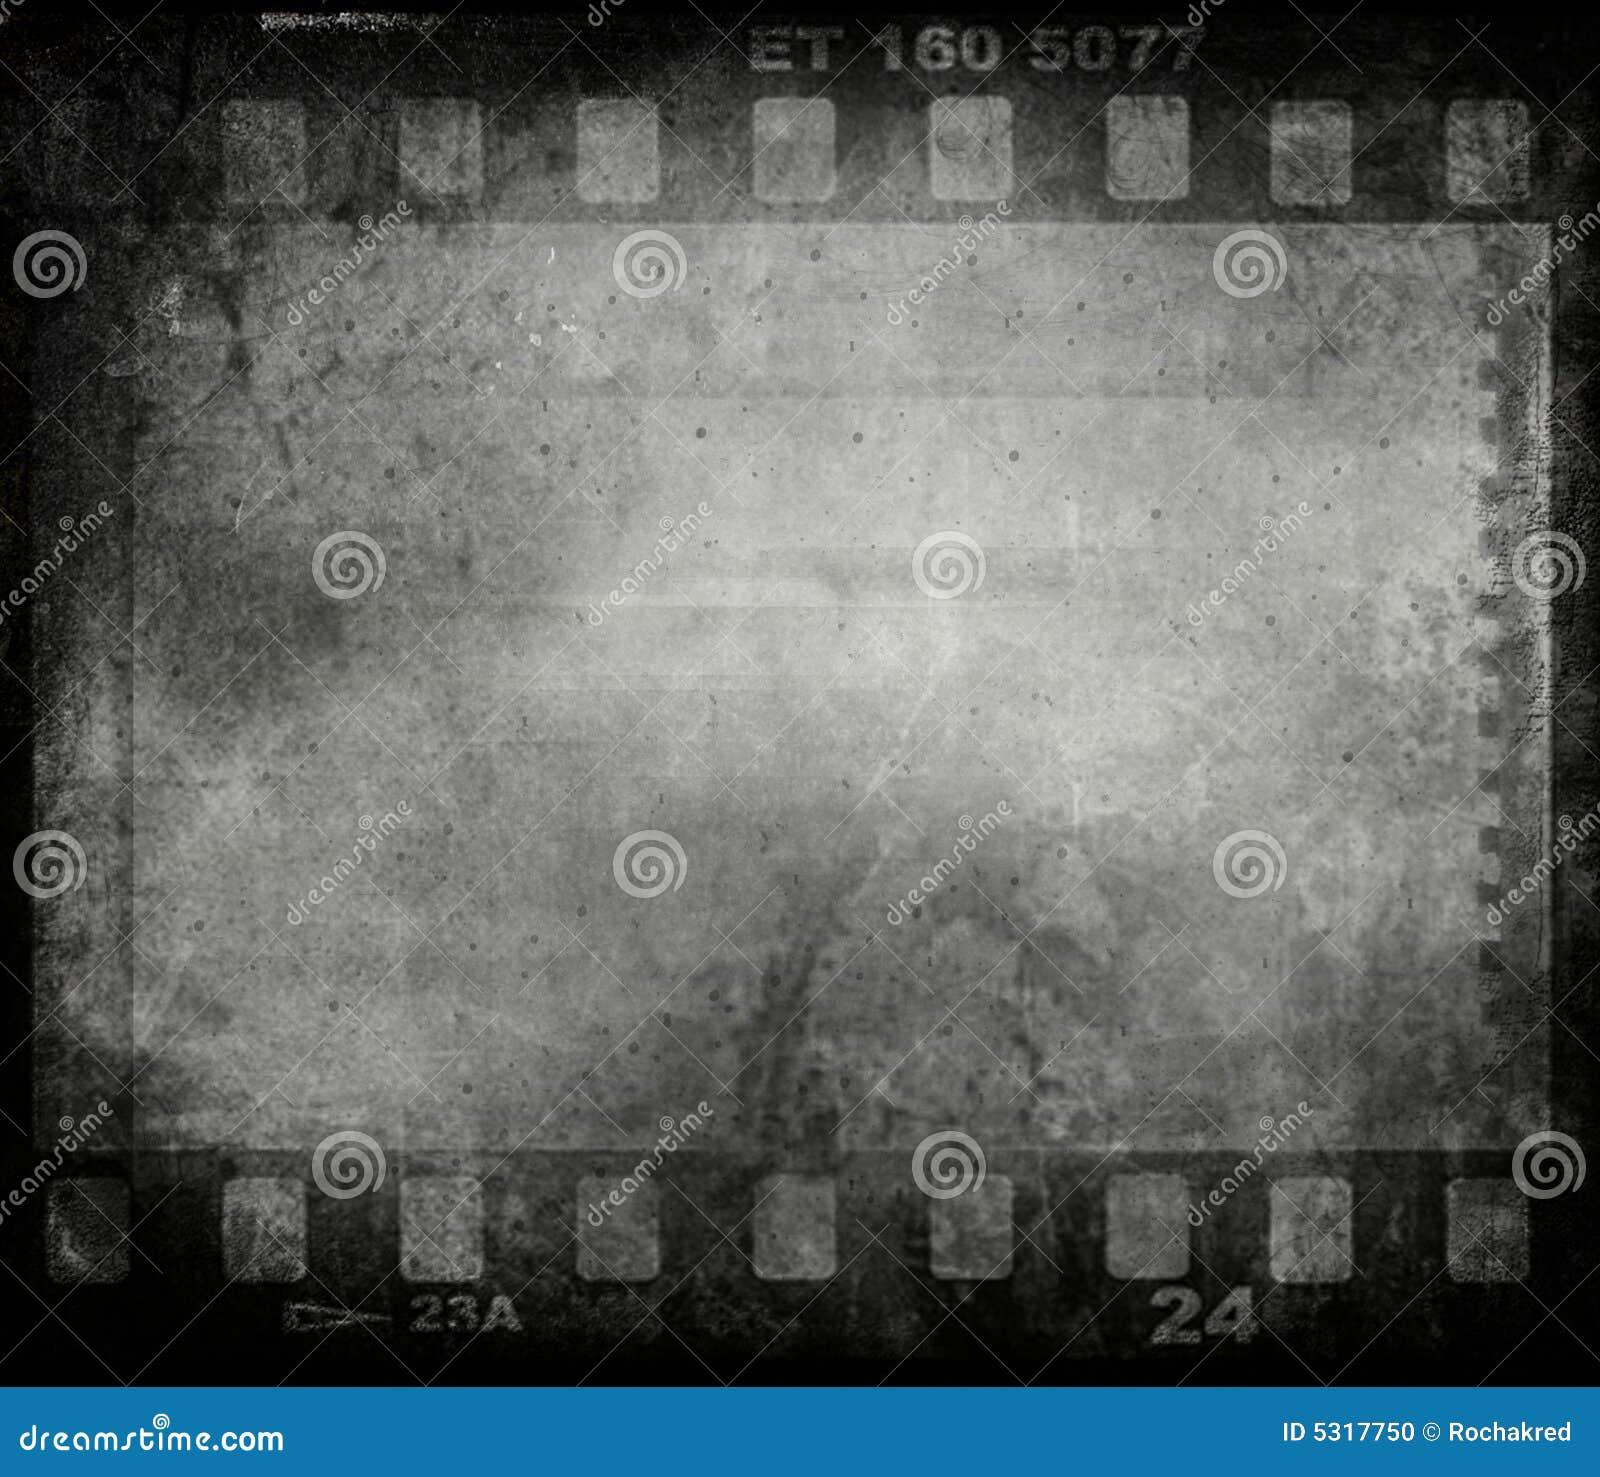 grunge film background stock illustration  image of